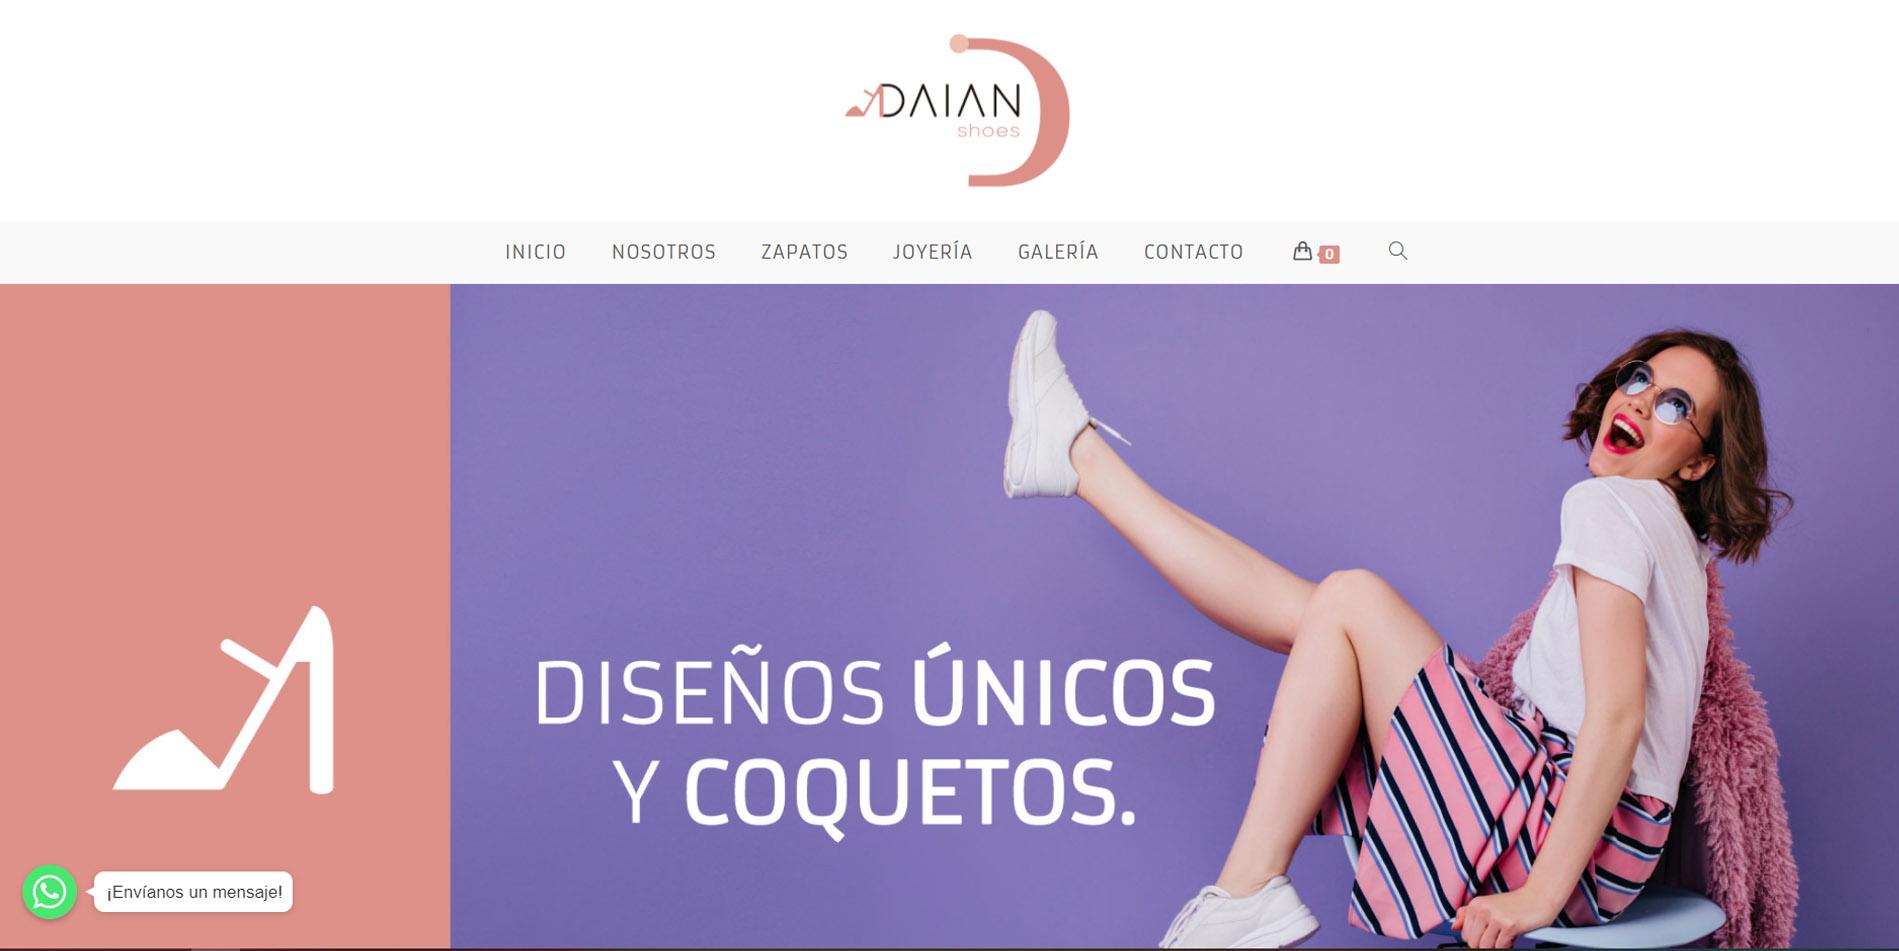 Páginas web en Estado de México 2021